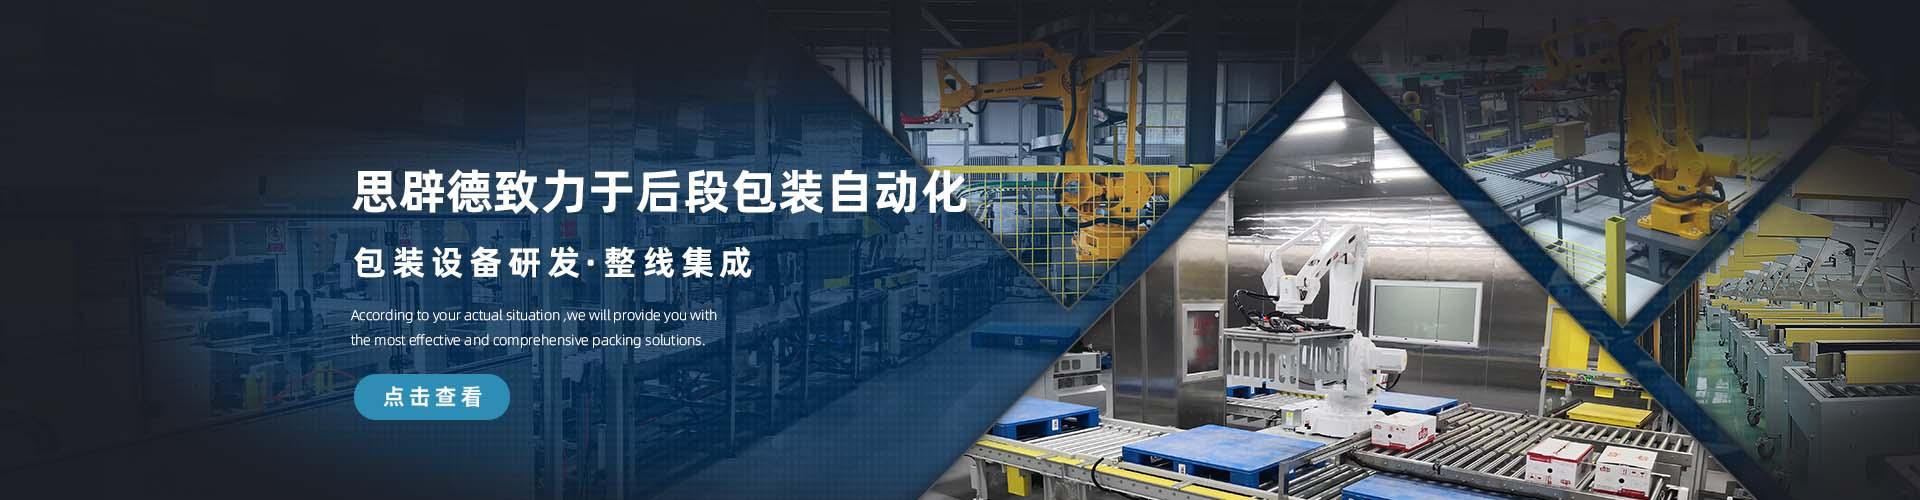 思辟德主要致力于后段自动化包装流水线的研发